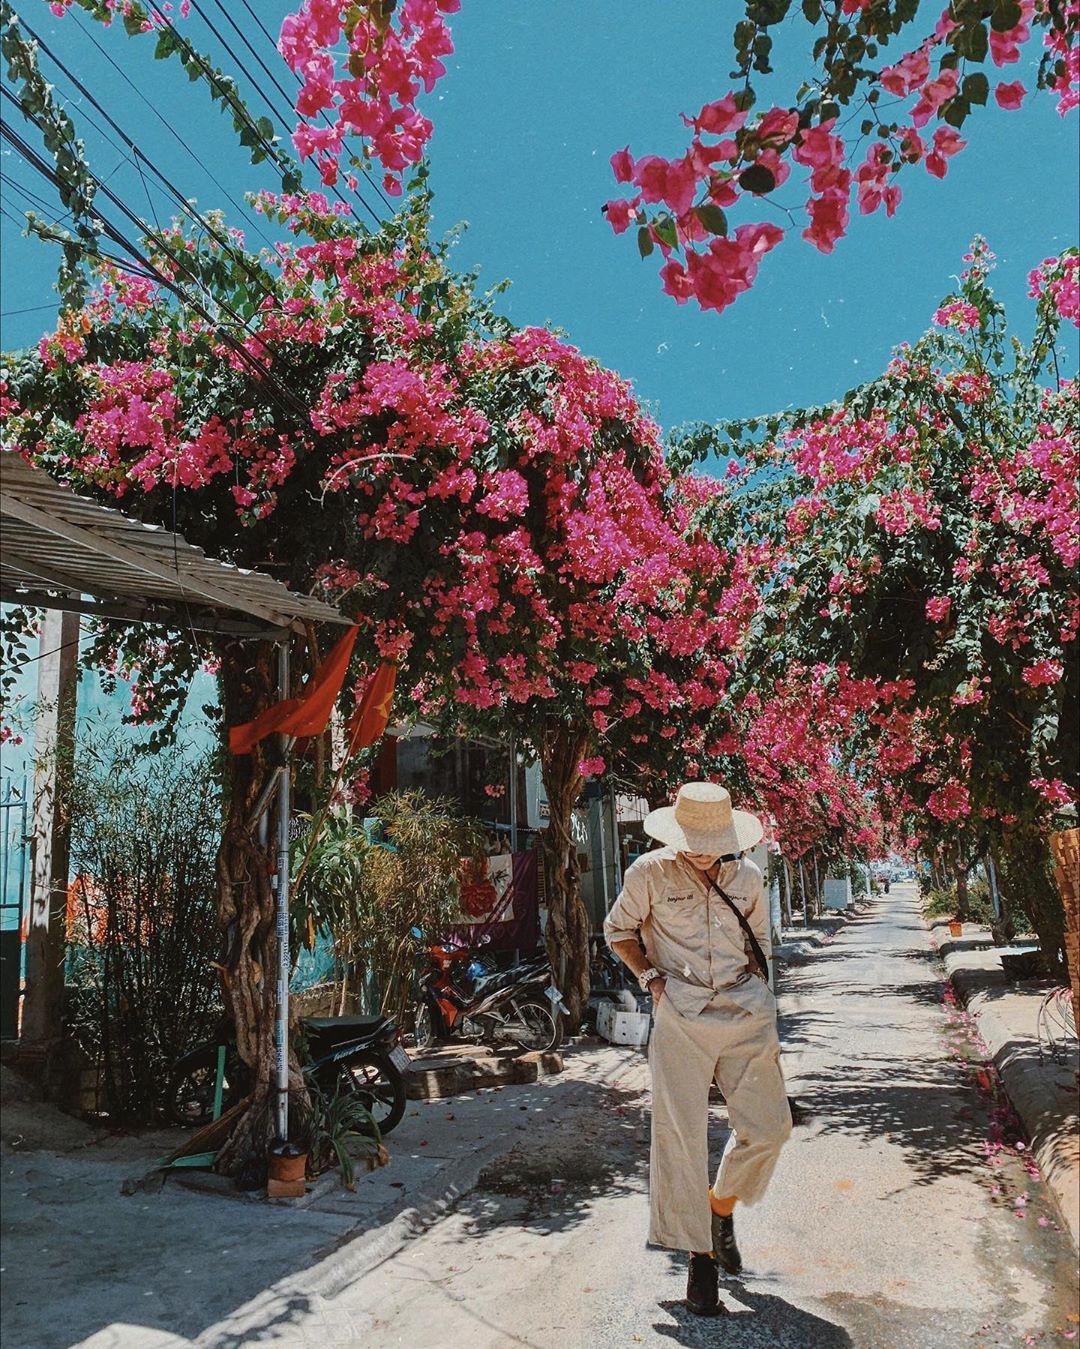 Lễ này có đến Nha Trang, nhớ ghim ngay 6 điểm đến tuyệt đẹp cực hiếm người biết dưới đây! - Ảnh 11.